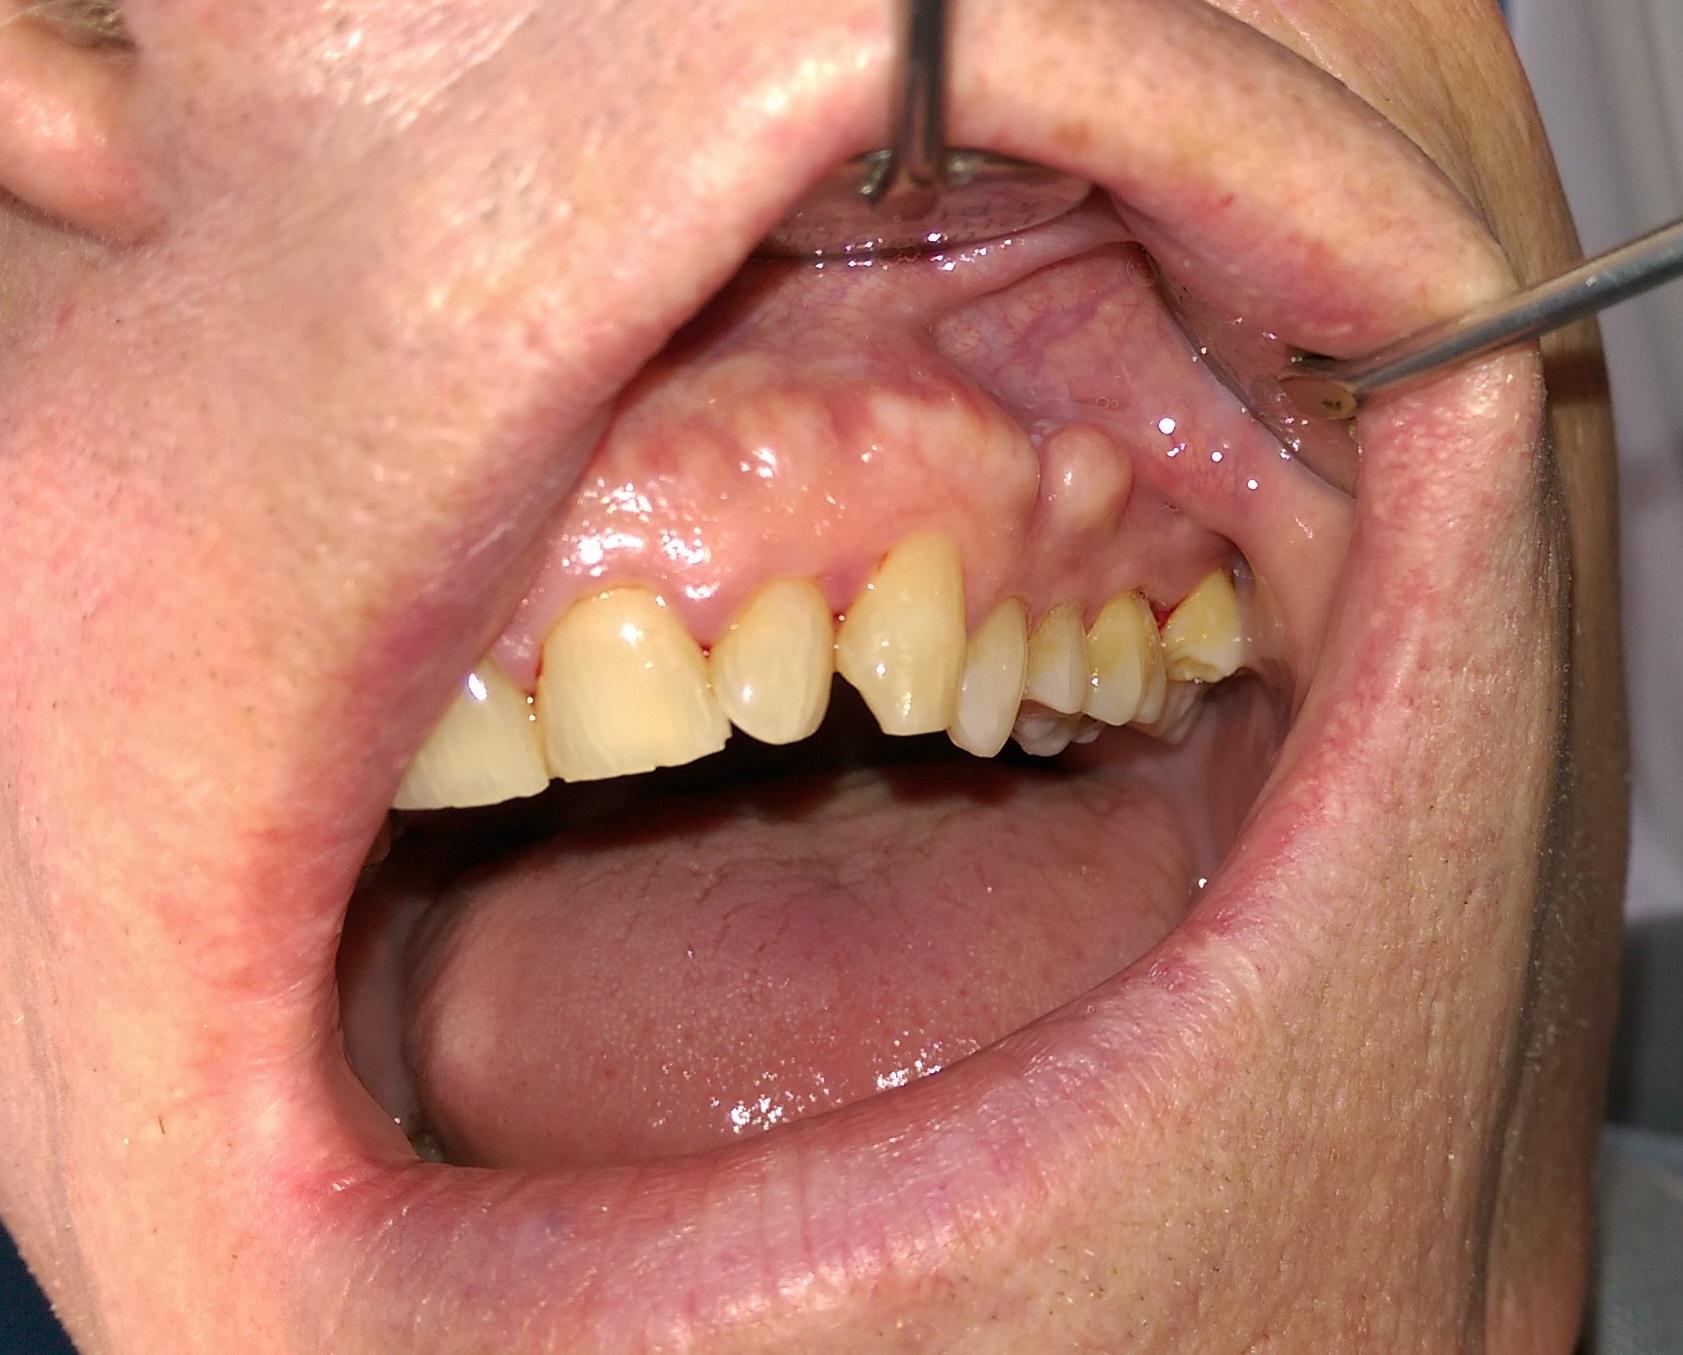 Turmericul este superior apei de gura chimice in imbunatatirea sanatatii orale | evenimente-corporate.ro